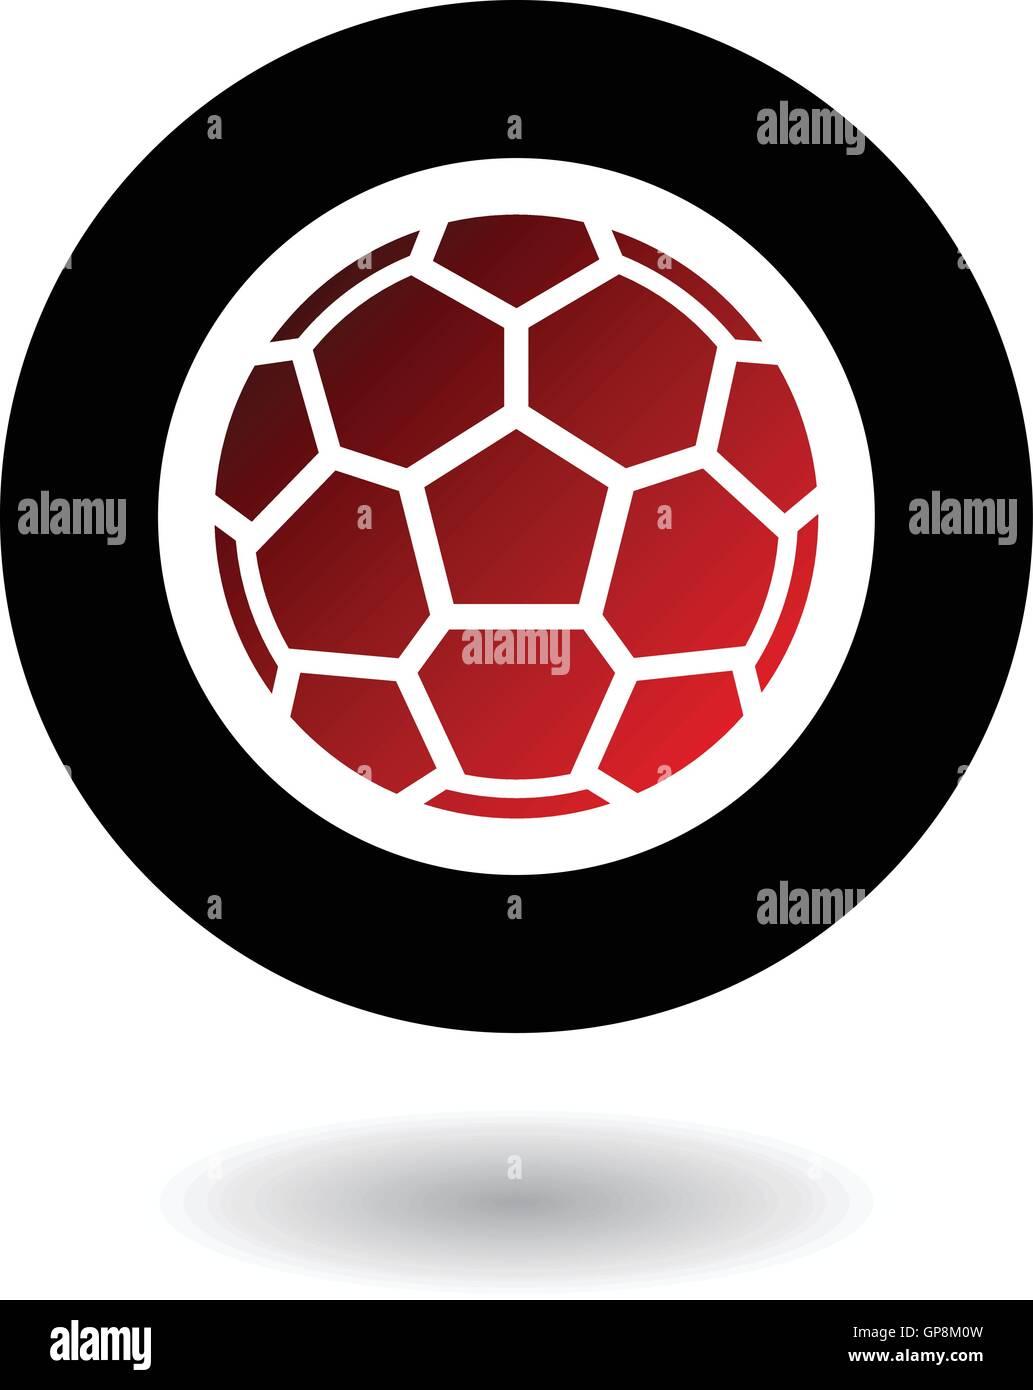 Roten Fußball in schwarzen Kreis isoliert auf weiss Stock Vektor